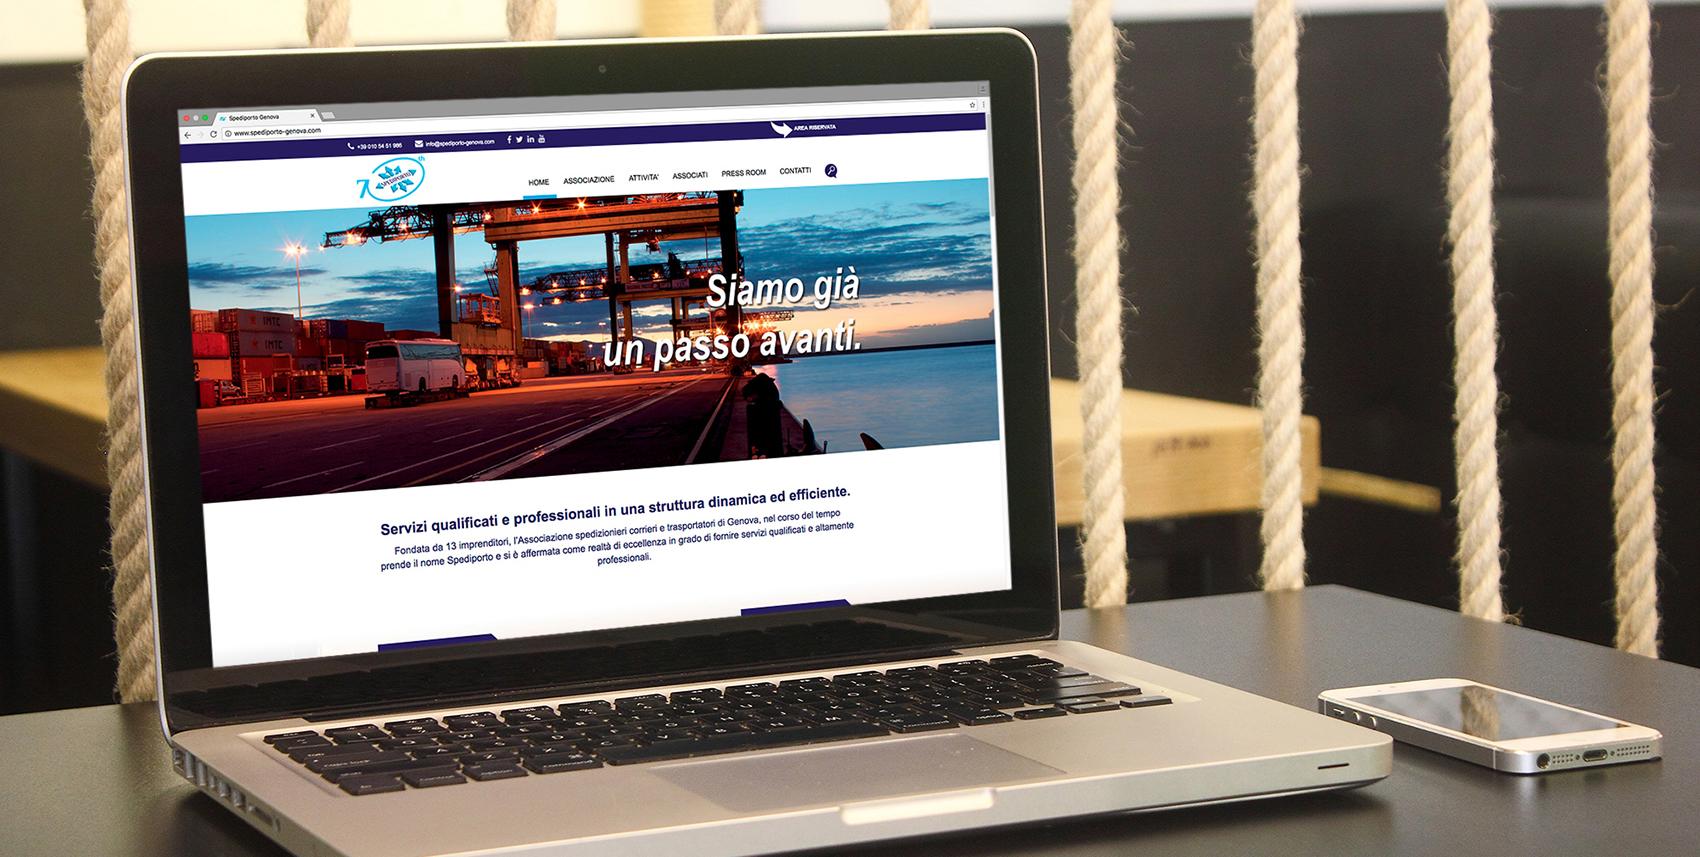 Spediporto-materiale-editoriale-MeRcomm-clienti